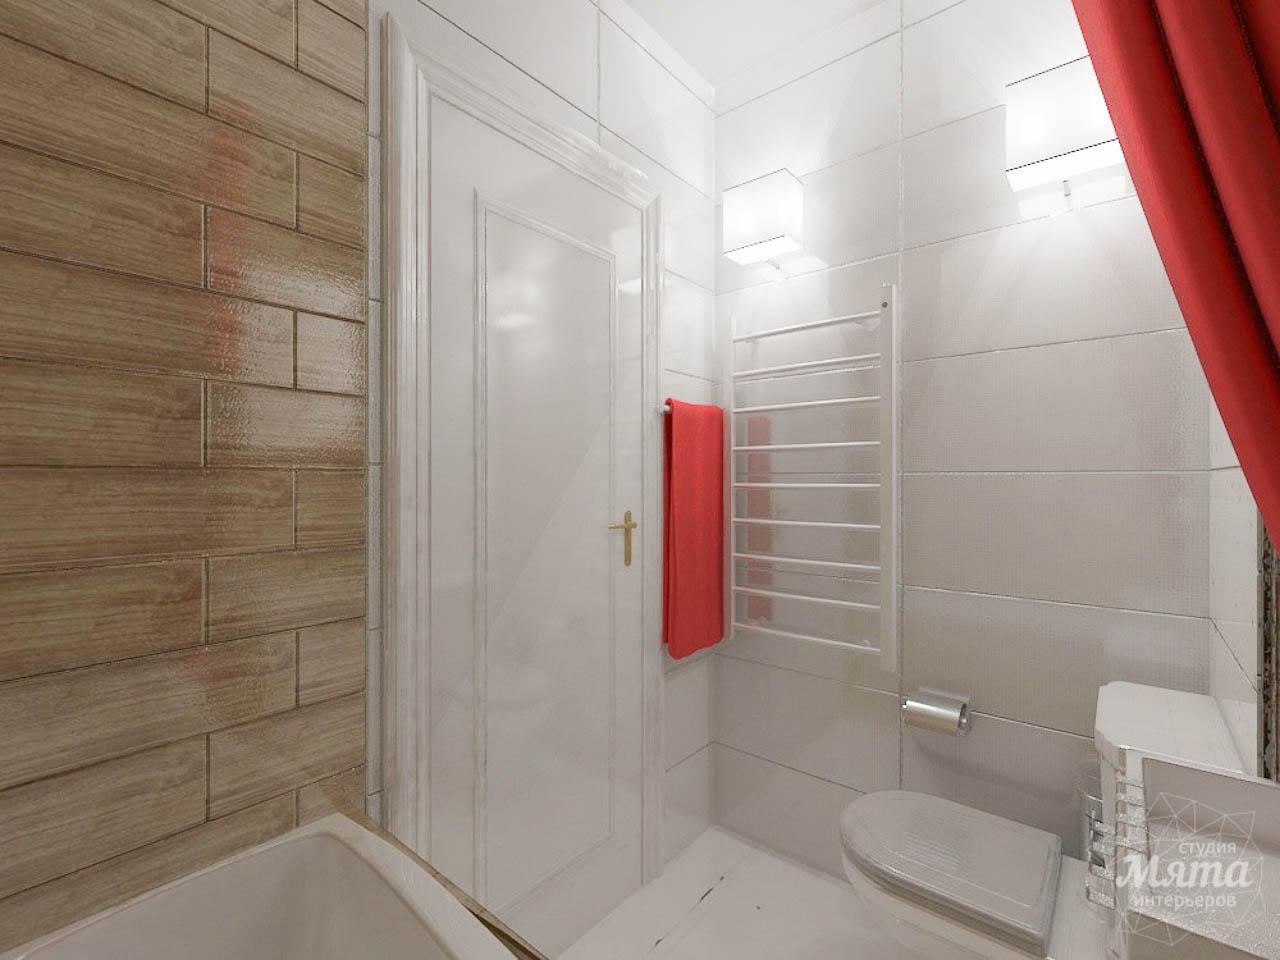 Дизайн интерьера однокомнатной квартиры в стиле минимализм по ул. Чапаева 30 img1673799997